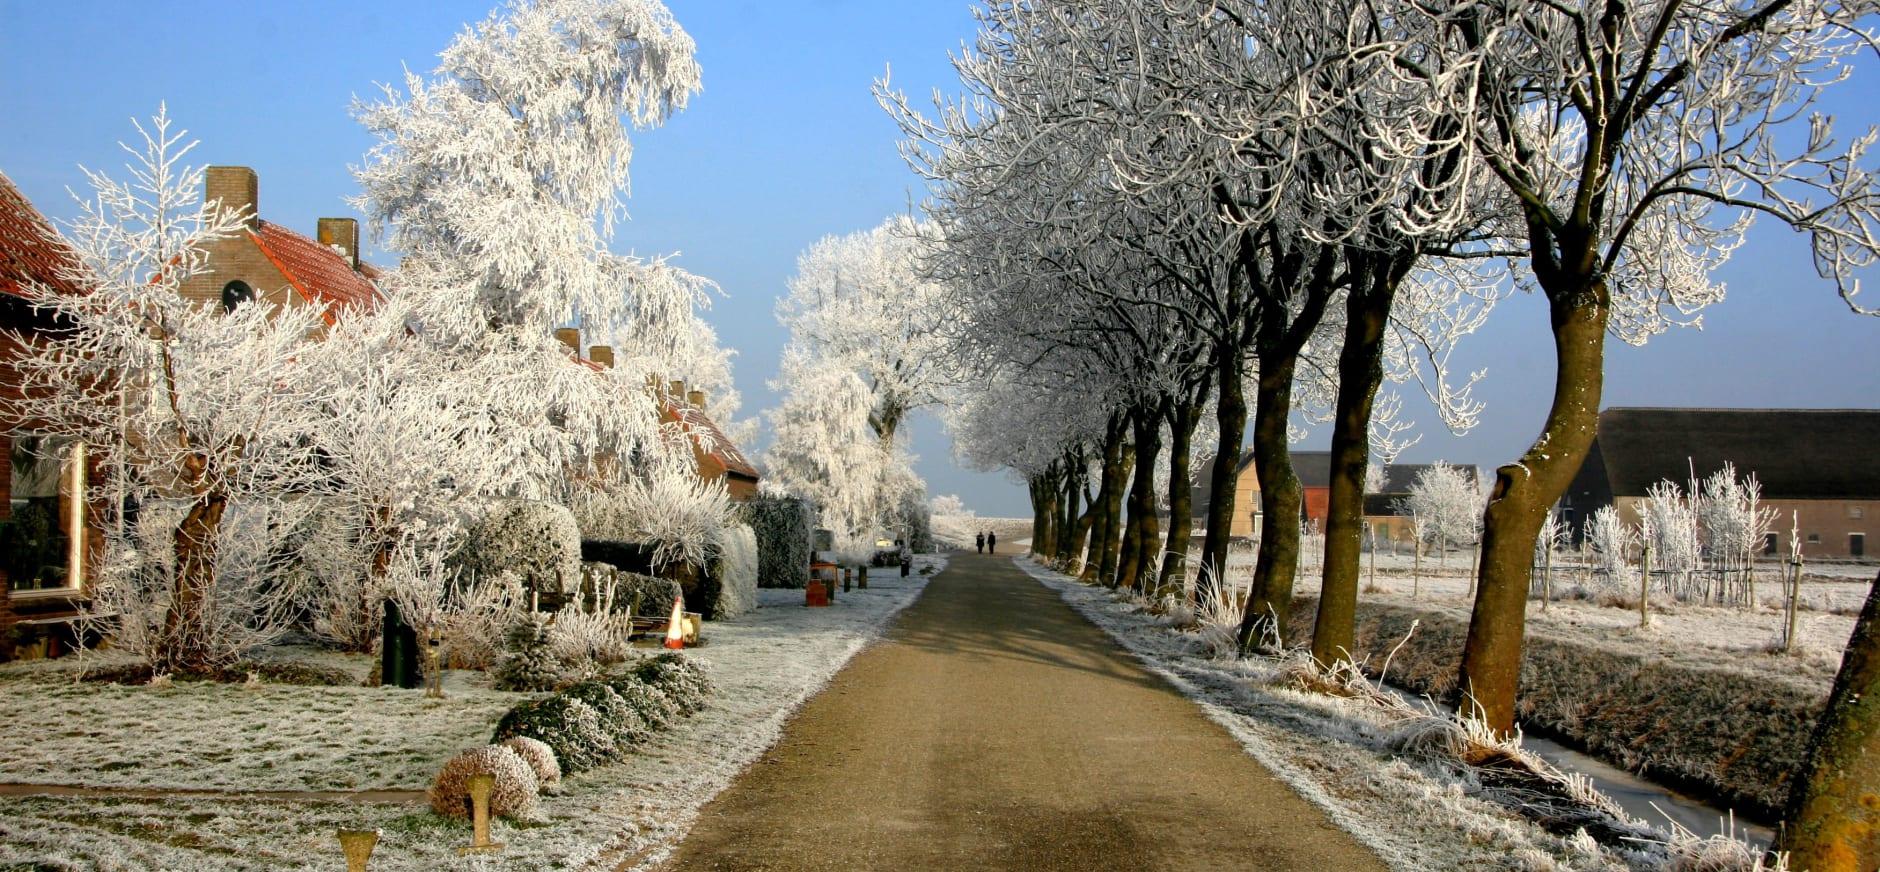 Tiengemeten in de winter